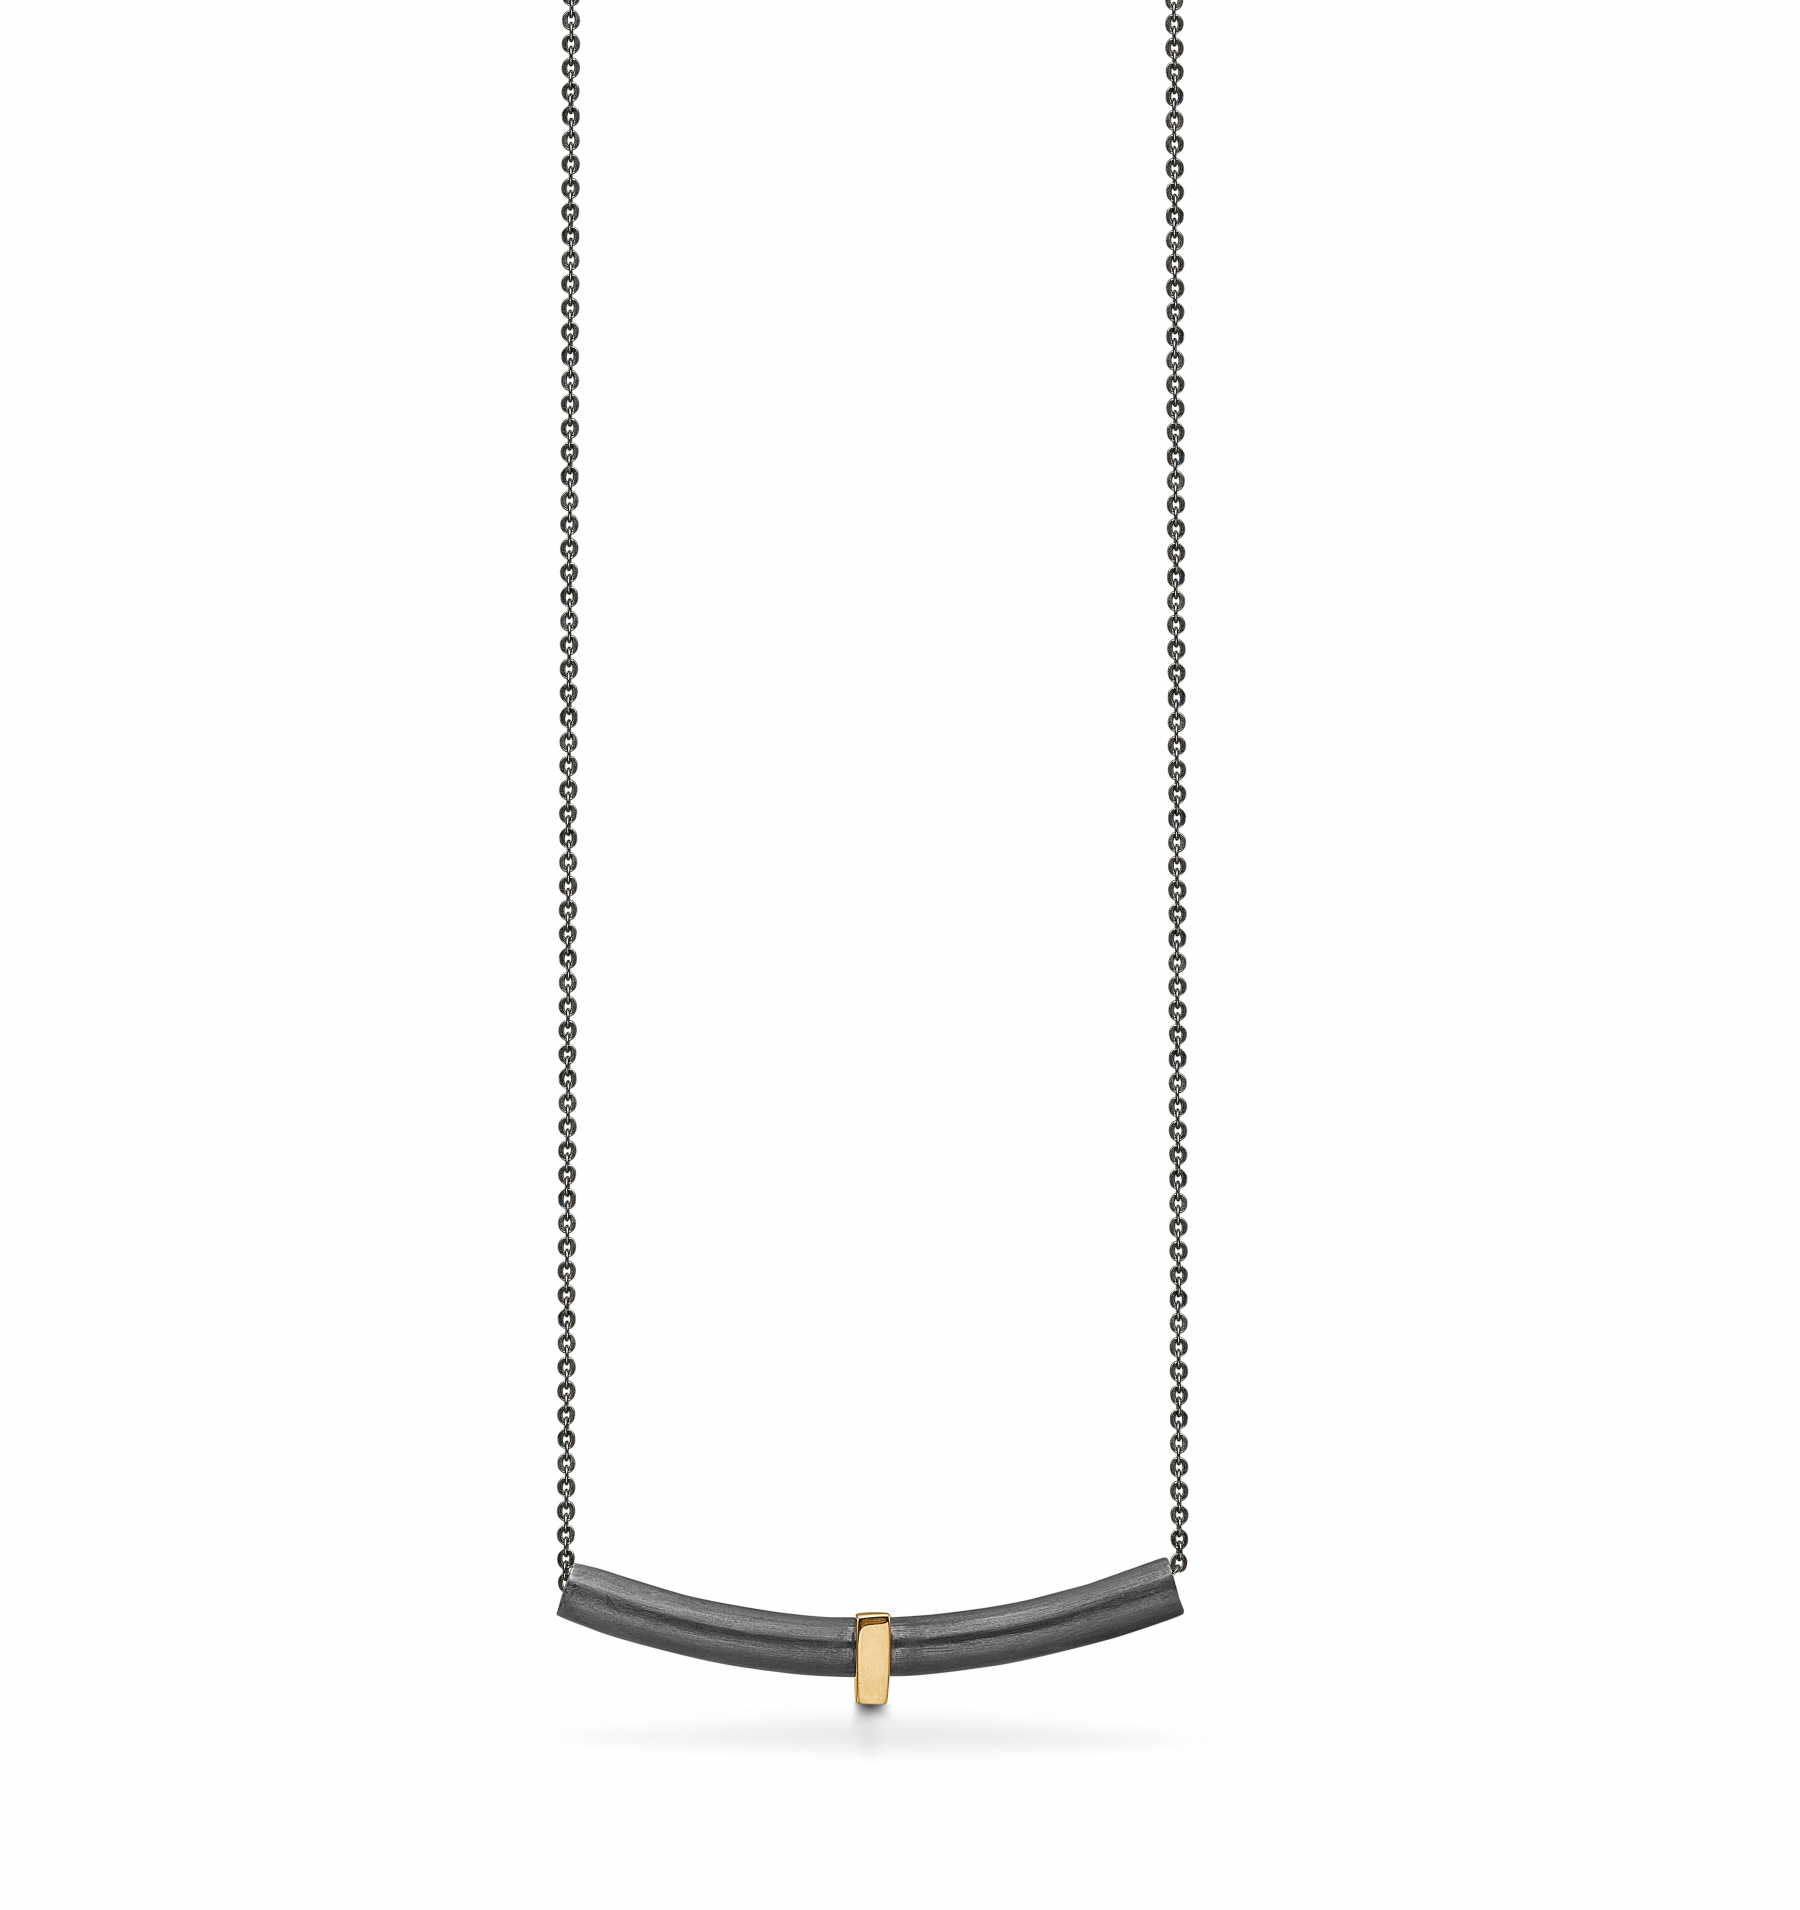 Aagaard Oxideret Sølv Halskæde med 14 Karat Guld